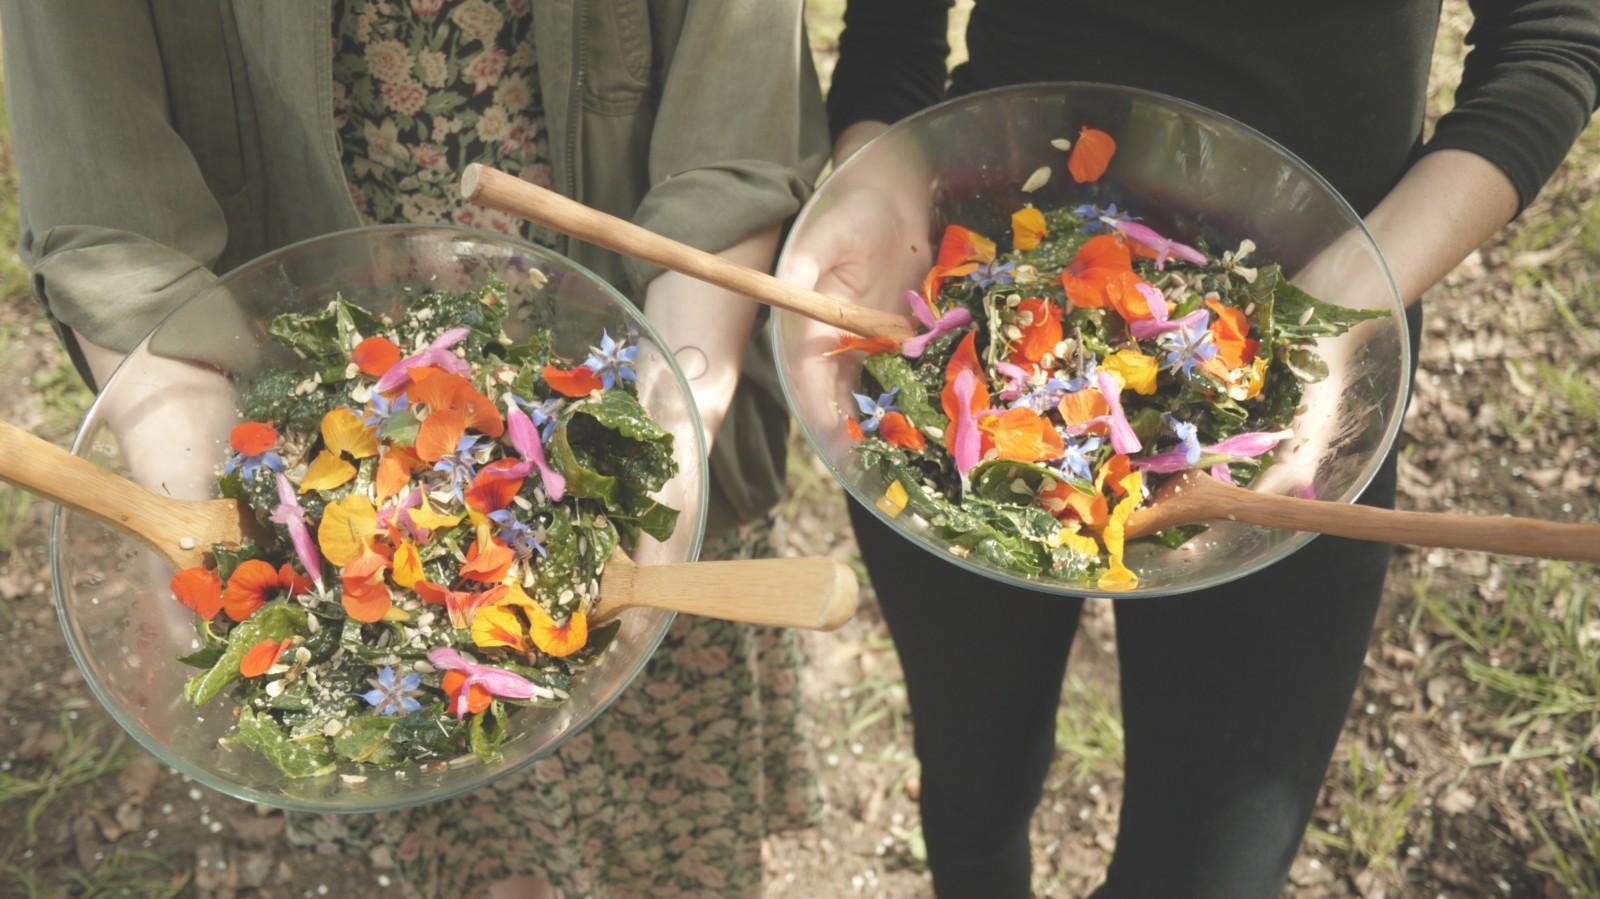 salad-spring-retreat-e1456858859871.jpg